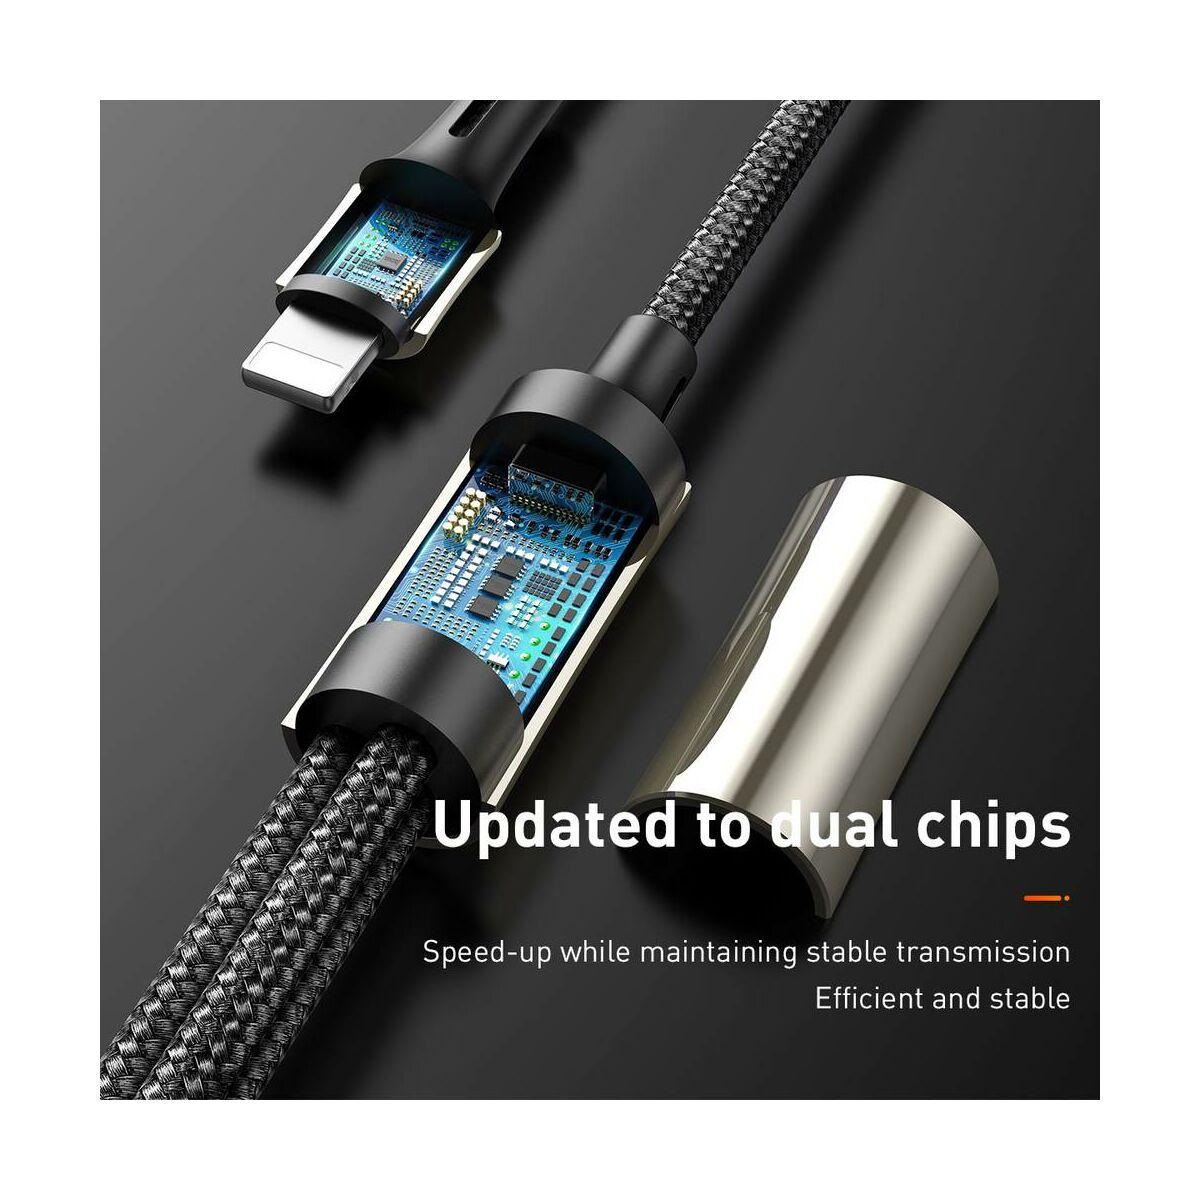 Baseus Univerzális kábel, 3-in-1 Caring touch tapintható logós töltőkábel, 3A, 1.2m, fekete (CAMLT-GH01)